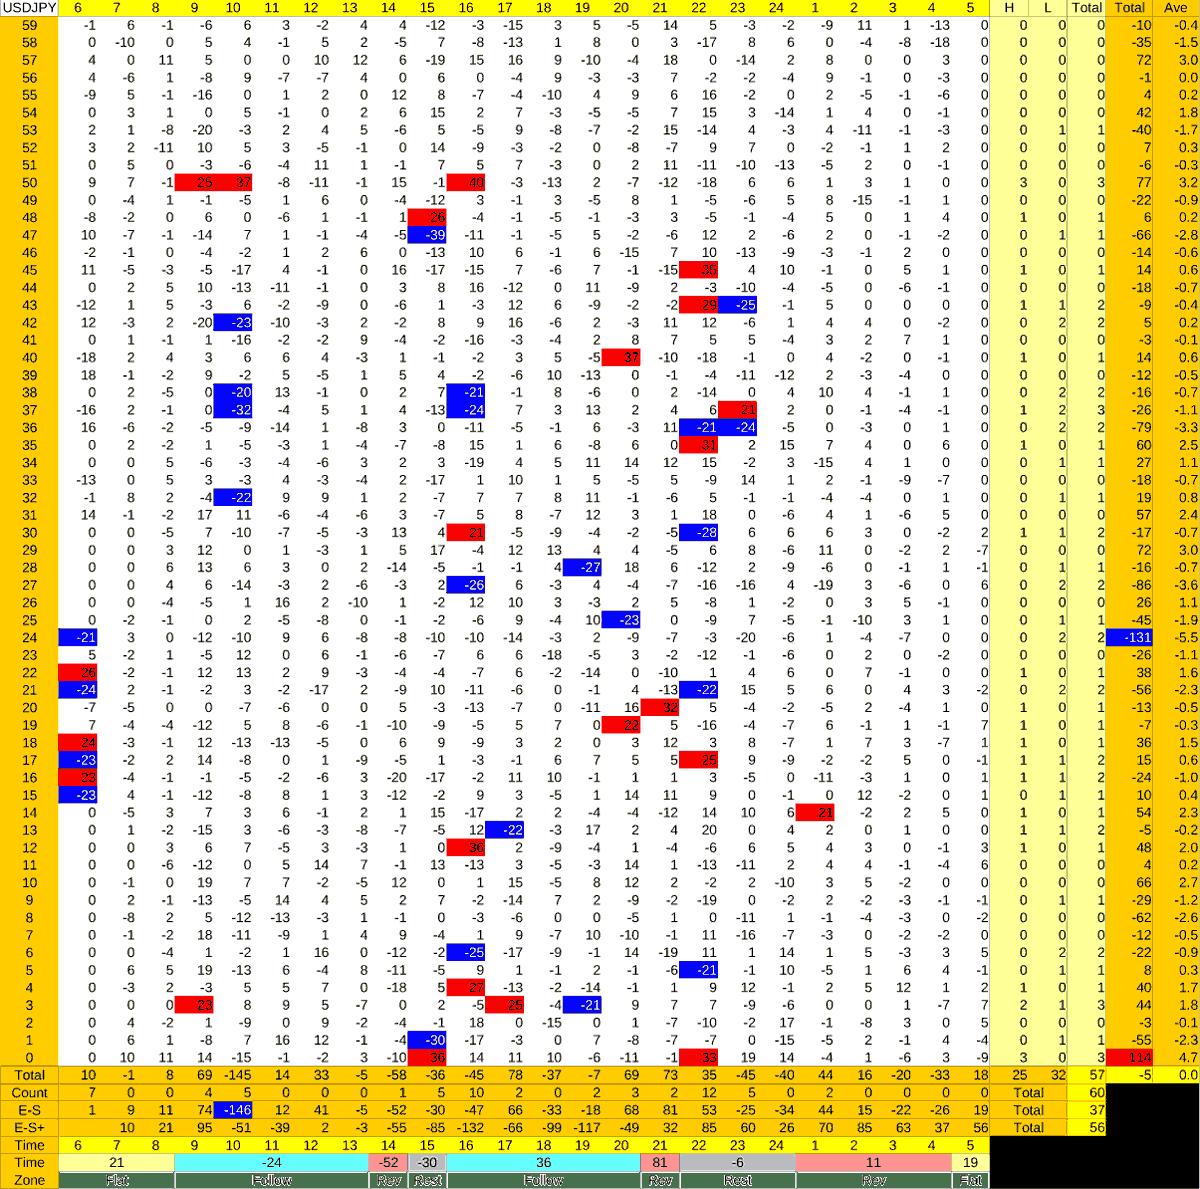 20210820_HS(1)USDJPY-min